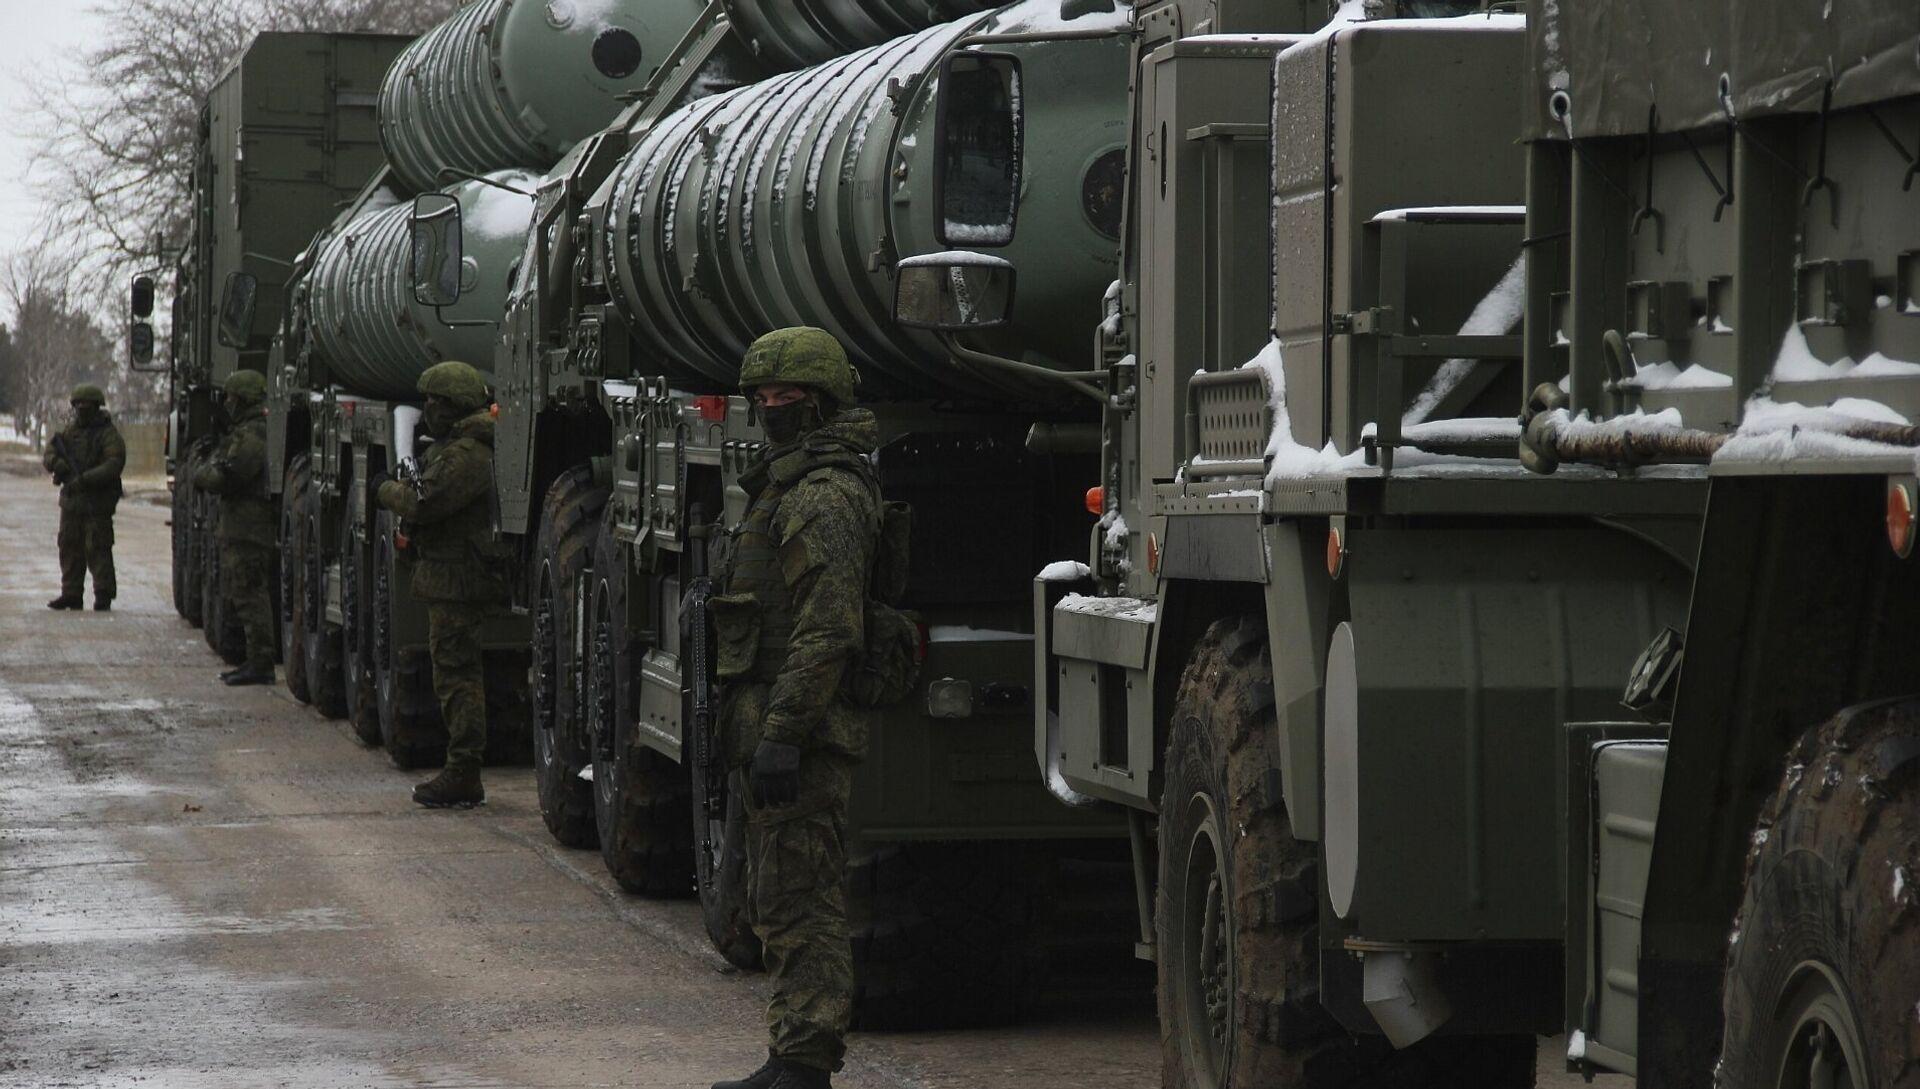 В США и РФ проанализировали защищенность Крыма от украинской агрессии - РИА Новости, 1920, 06.04.2021